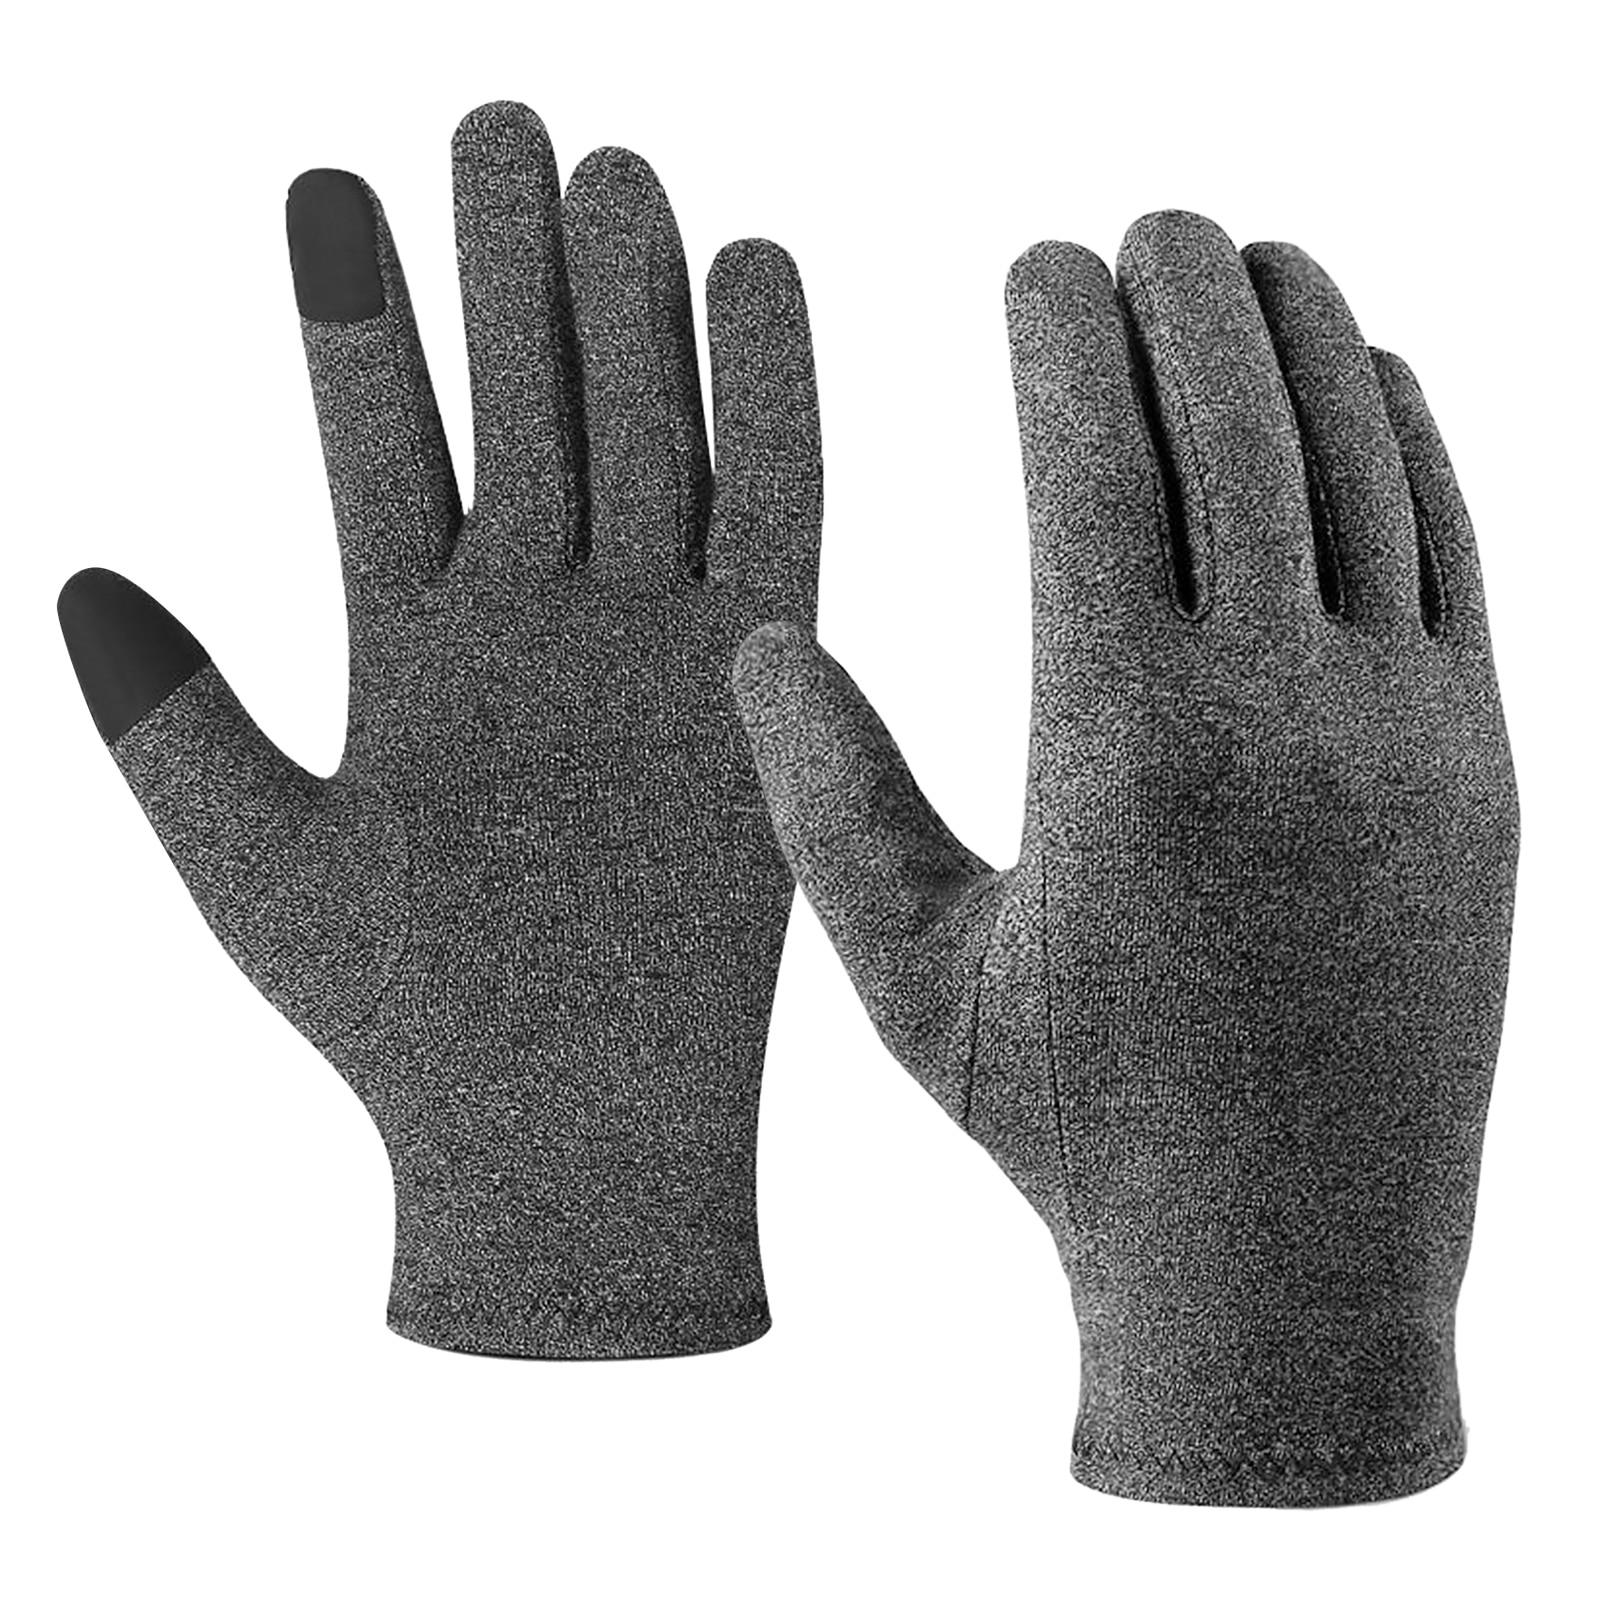 Full Finger Arthritis Gloves Touchscreen Sports Gloves for Arthritis Hand Support Joint Pain Relief